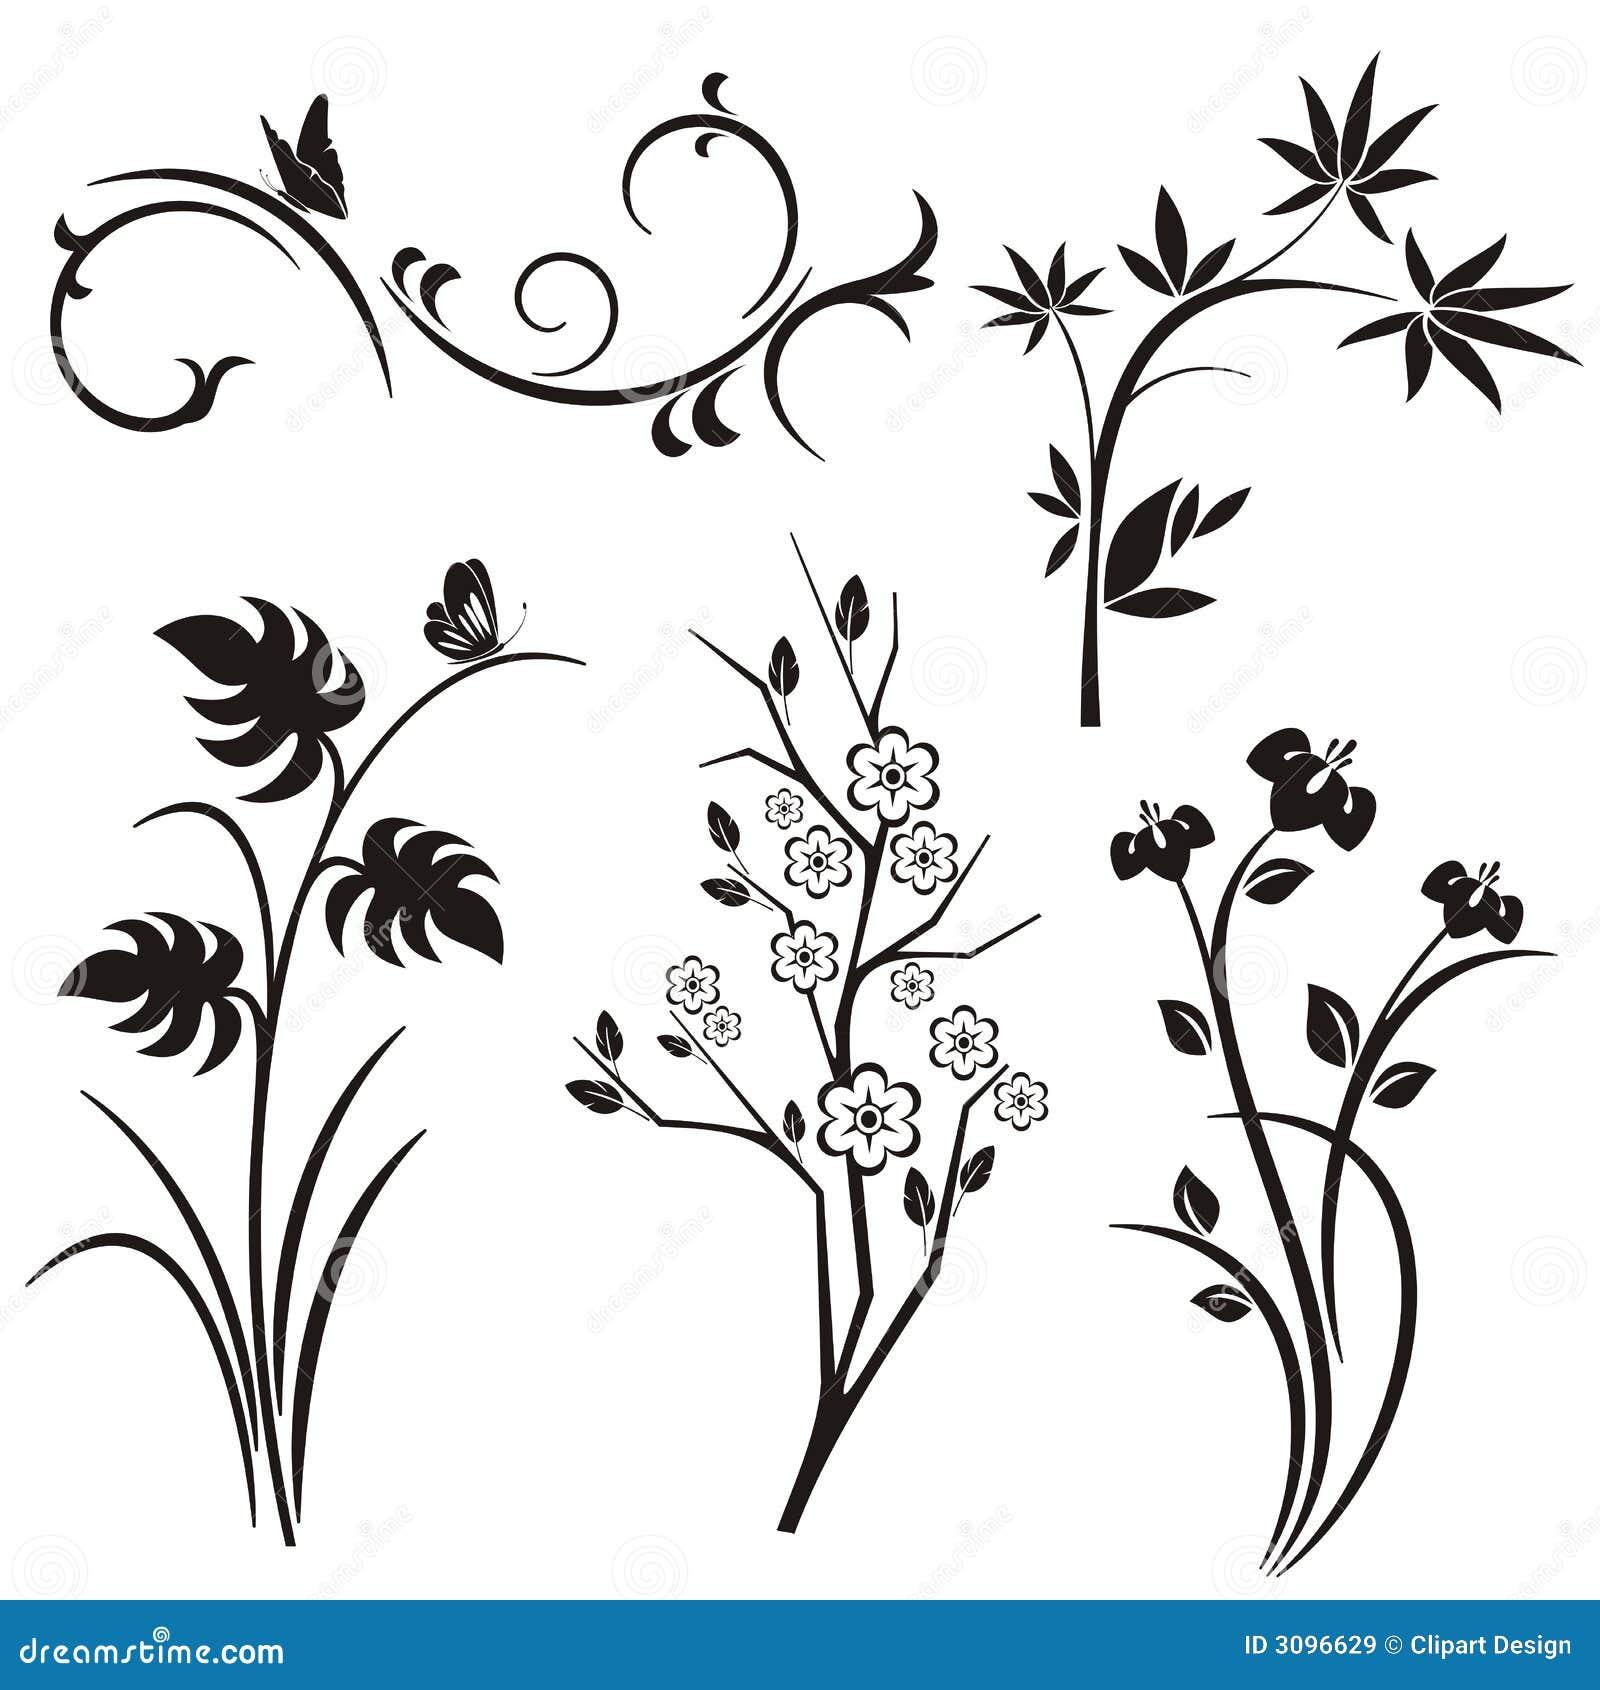 Serie giapponese di disegno floreale illustrazione for Disegni tradizionali giapponesi